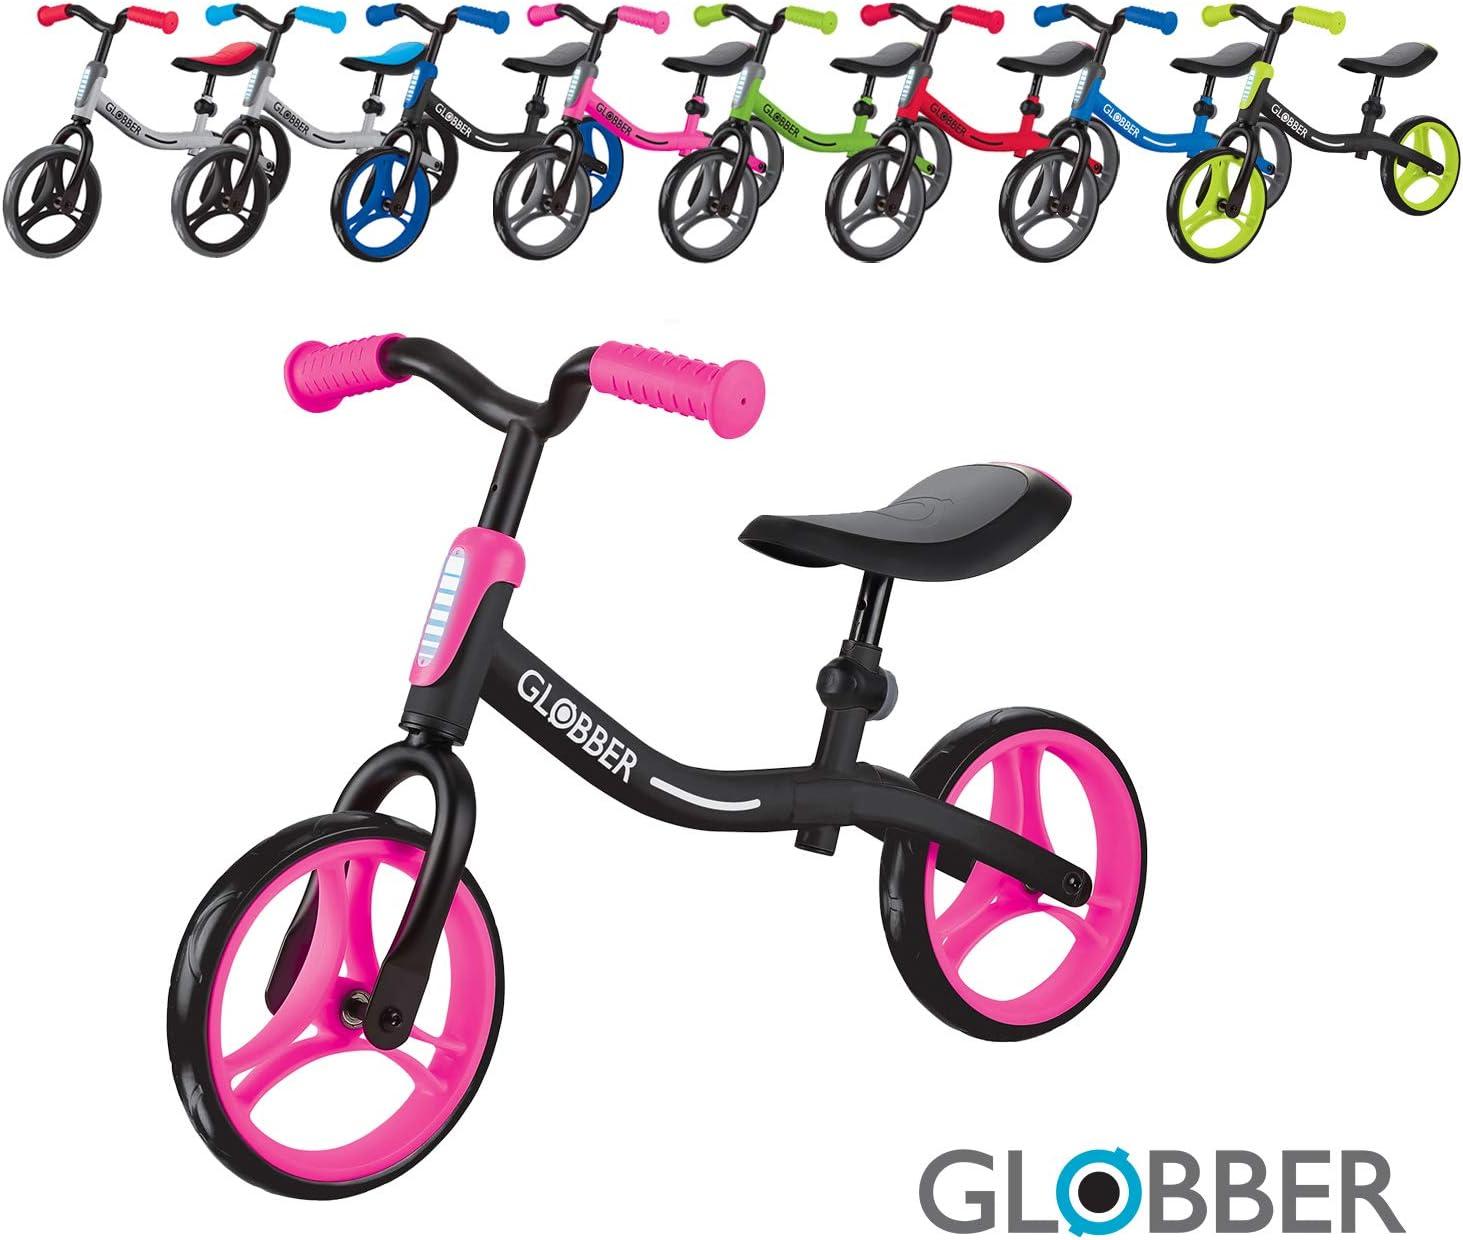 Globber Go Bike - Draisiana Juvenil Unisex